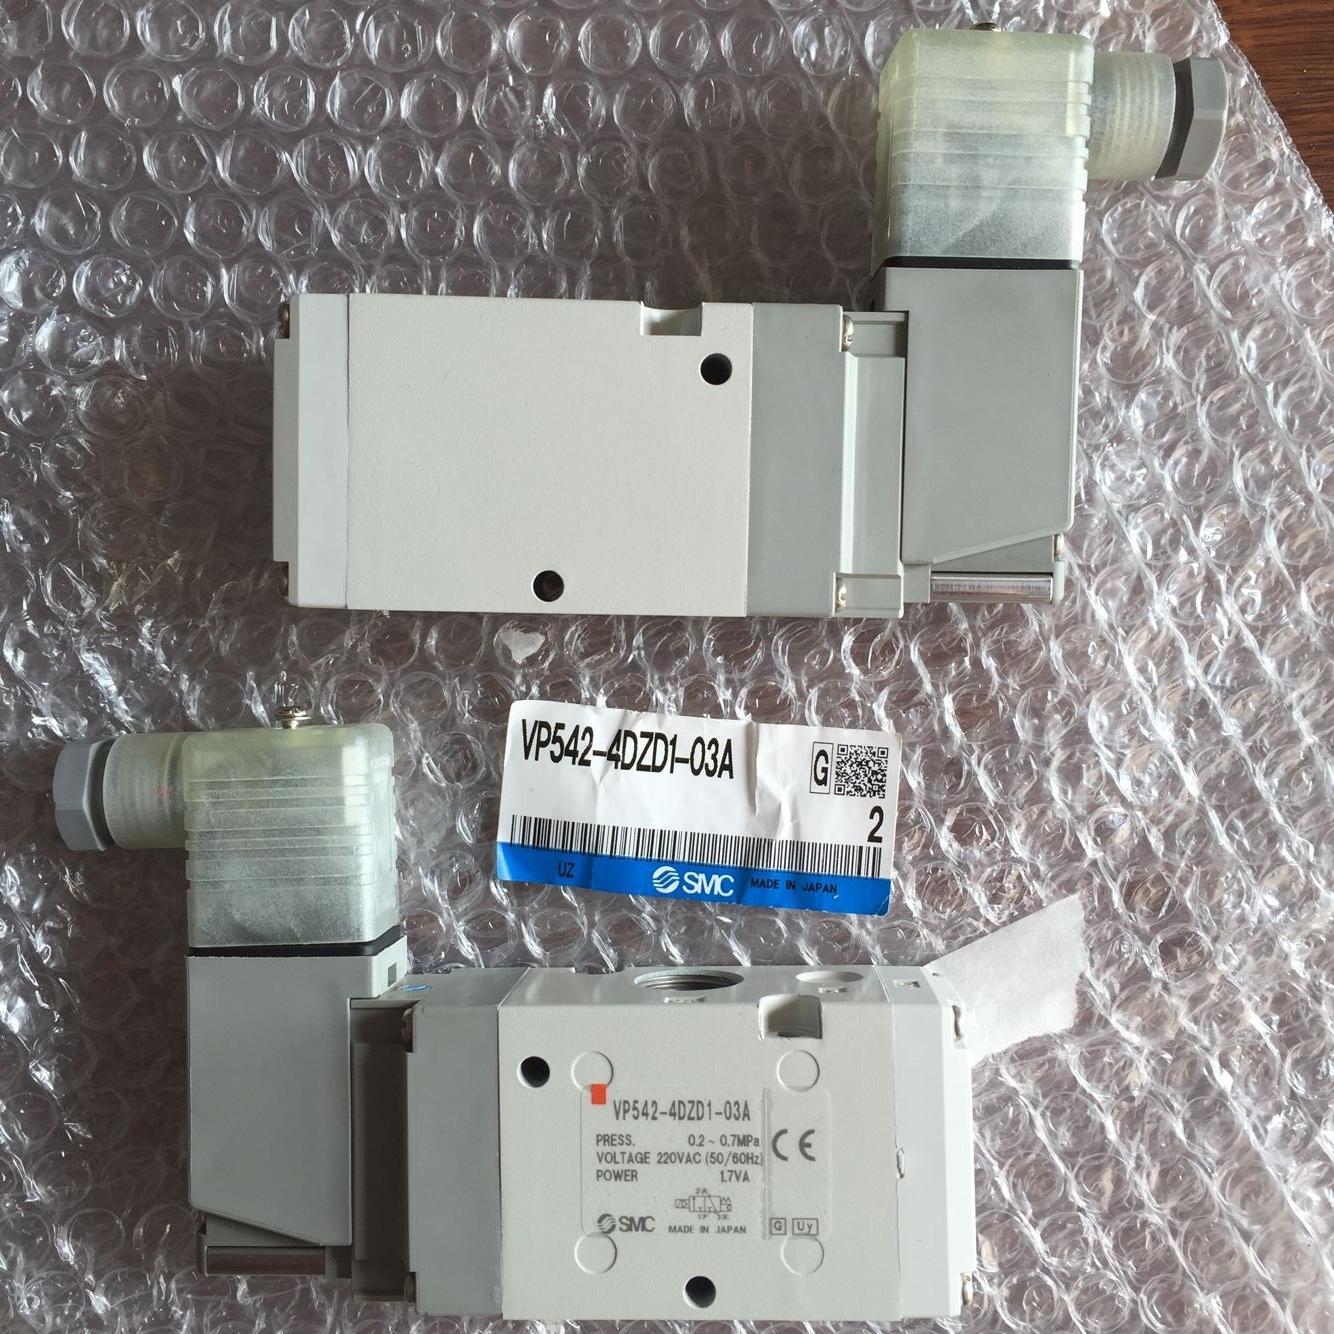 Van điện từ SMC VP542-4DZD1-03A